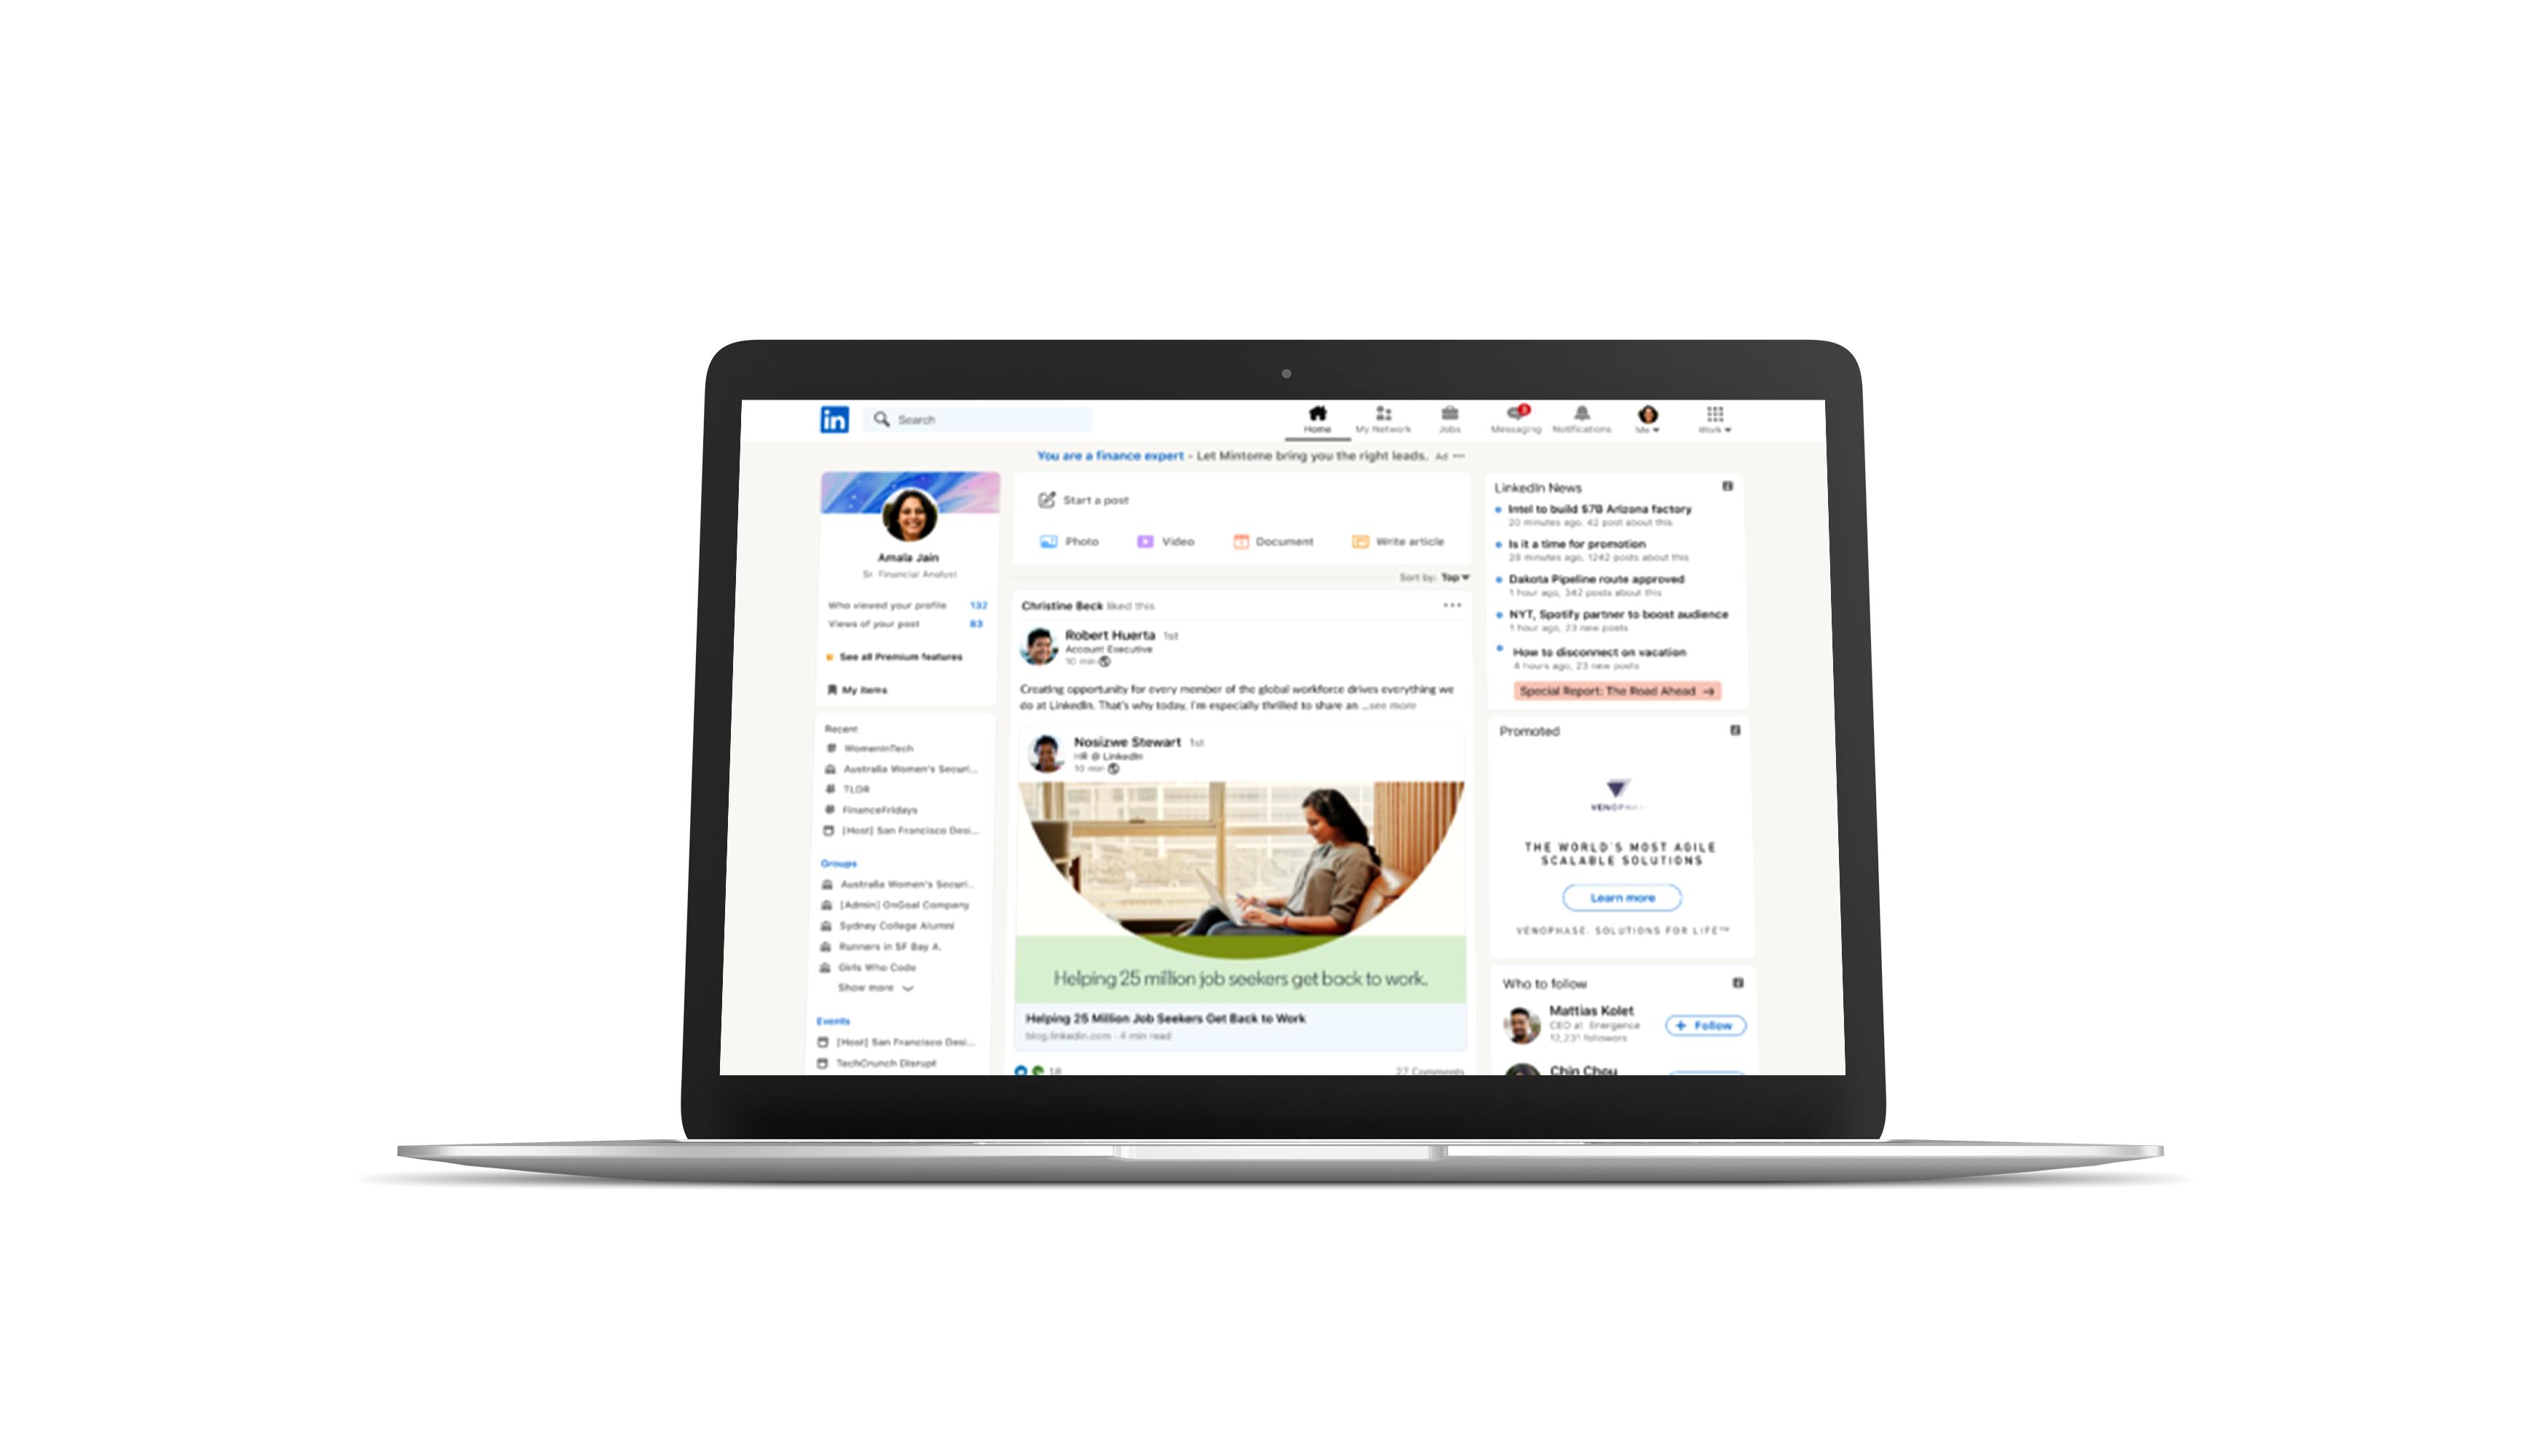 LinkedIn rebranding